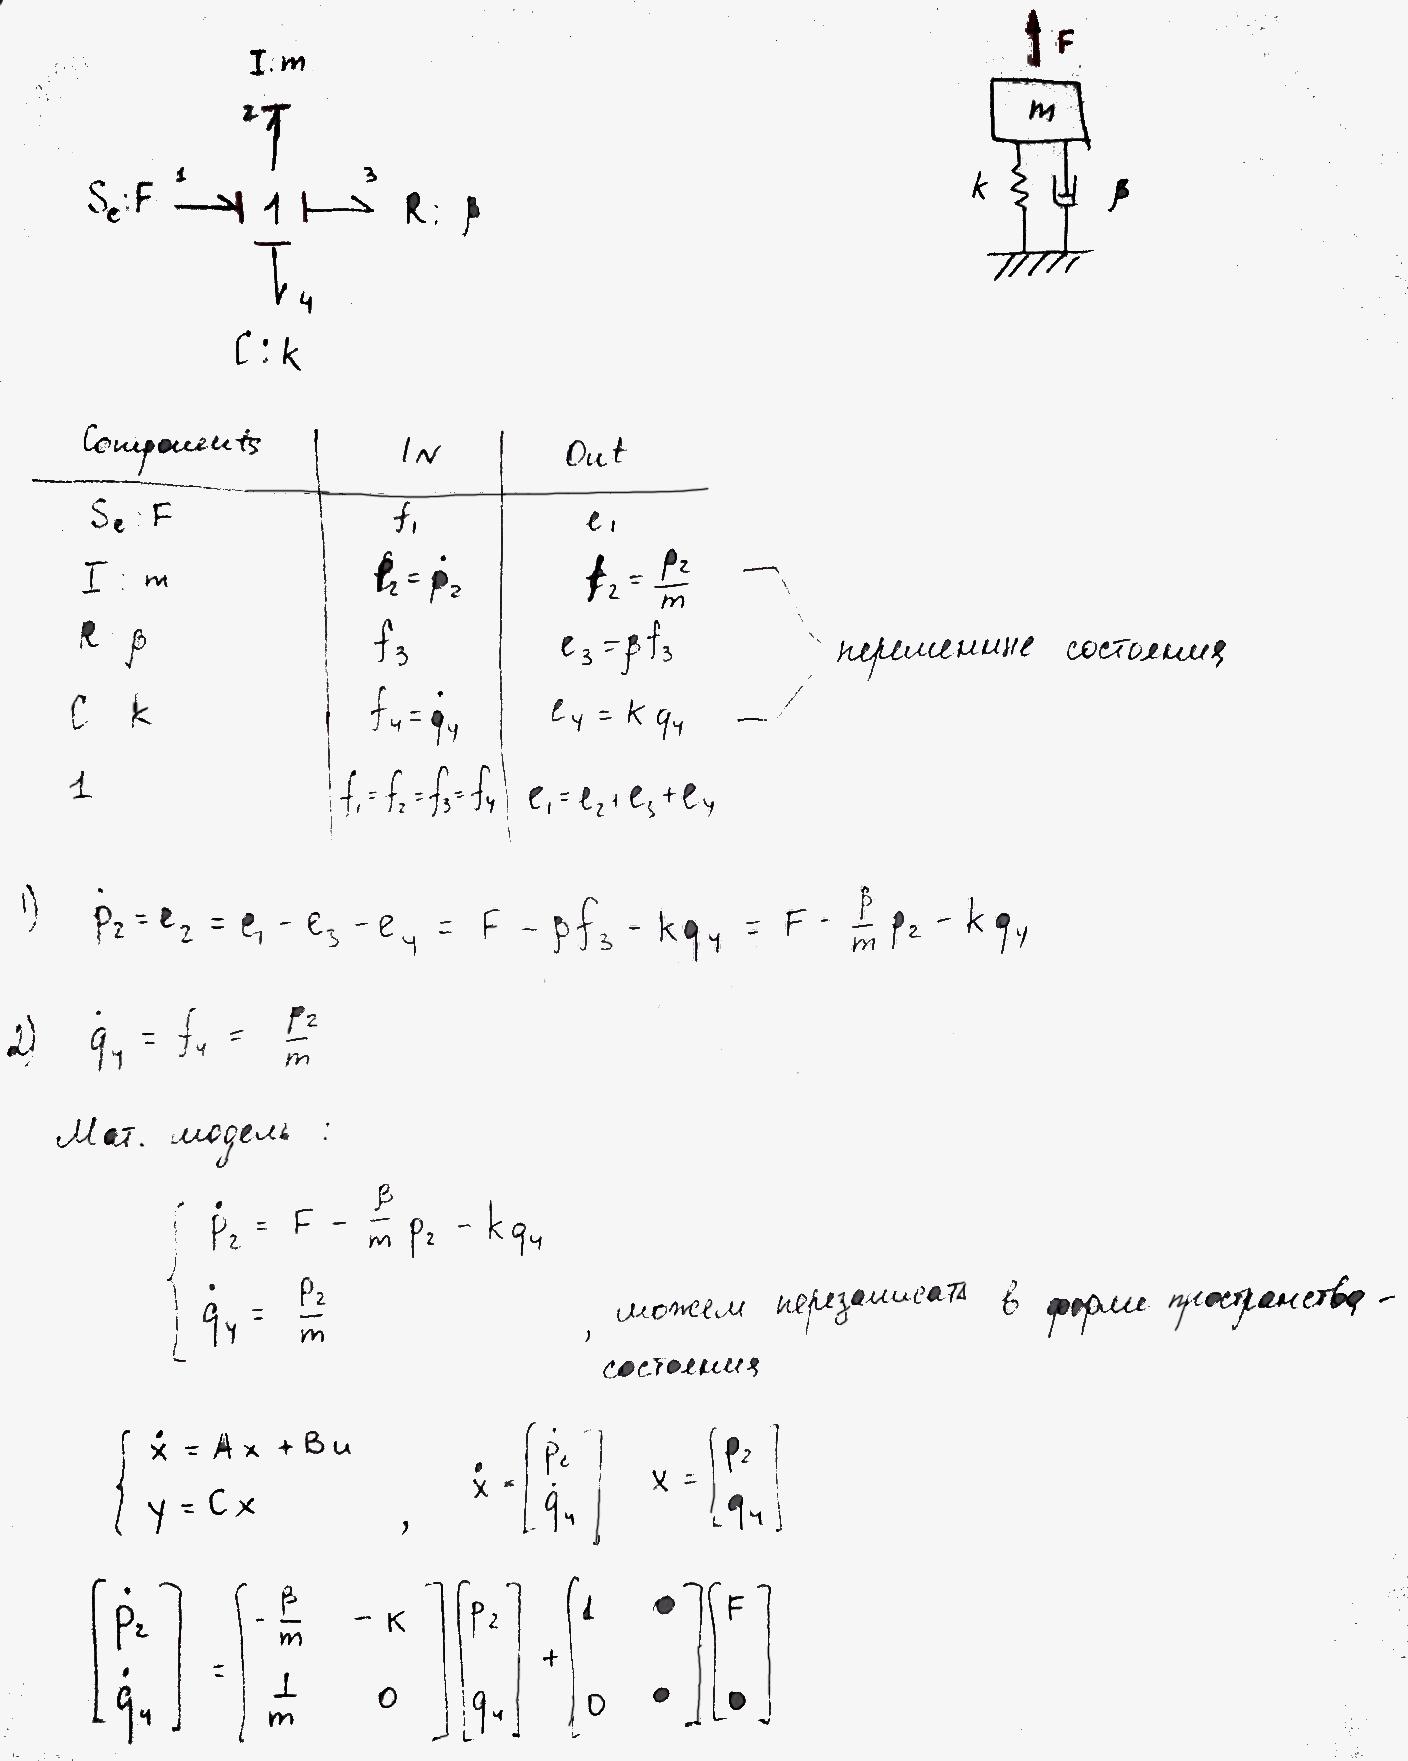 Моделирование динамических систем (метод Лагранжа и Bond graph approach) - 65